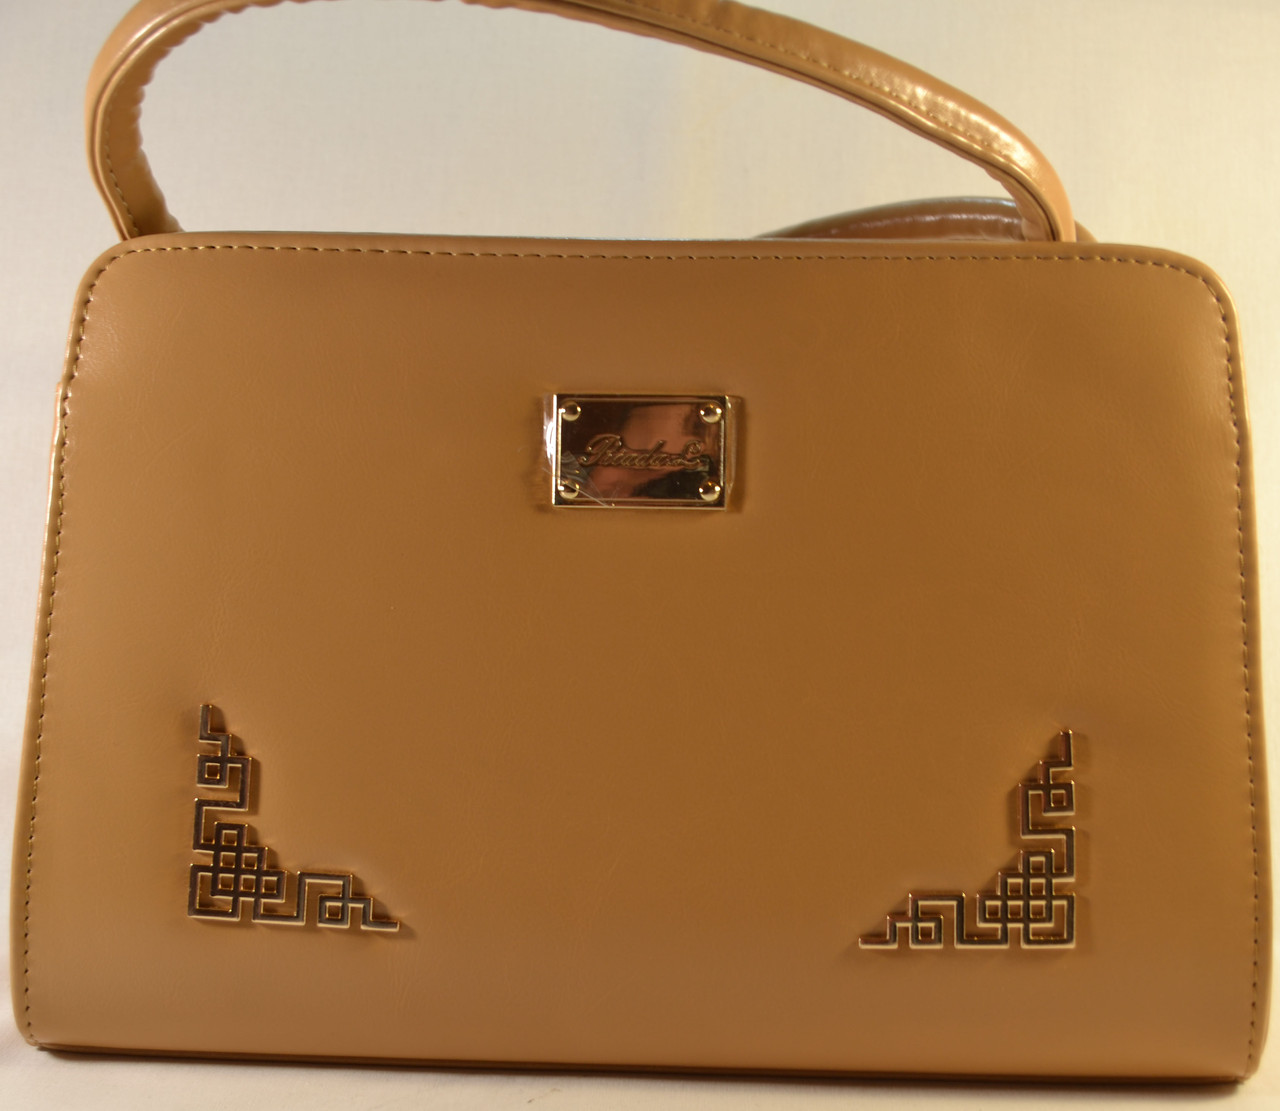 Бежевая каркасная сумка RIADA.L 678 - Интернет-магазин женских сумок, одежды и аксессуаров Dobrasumka в Луцке